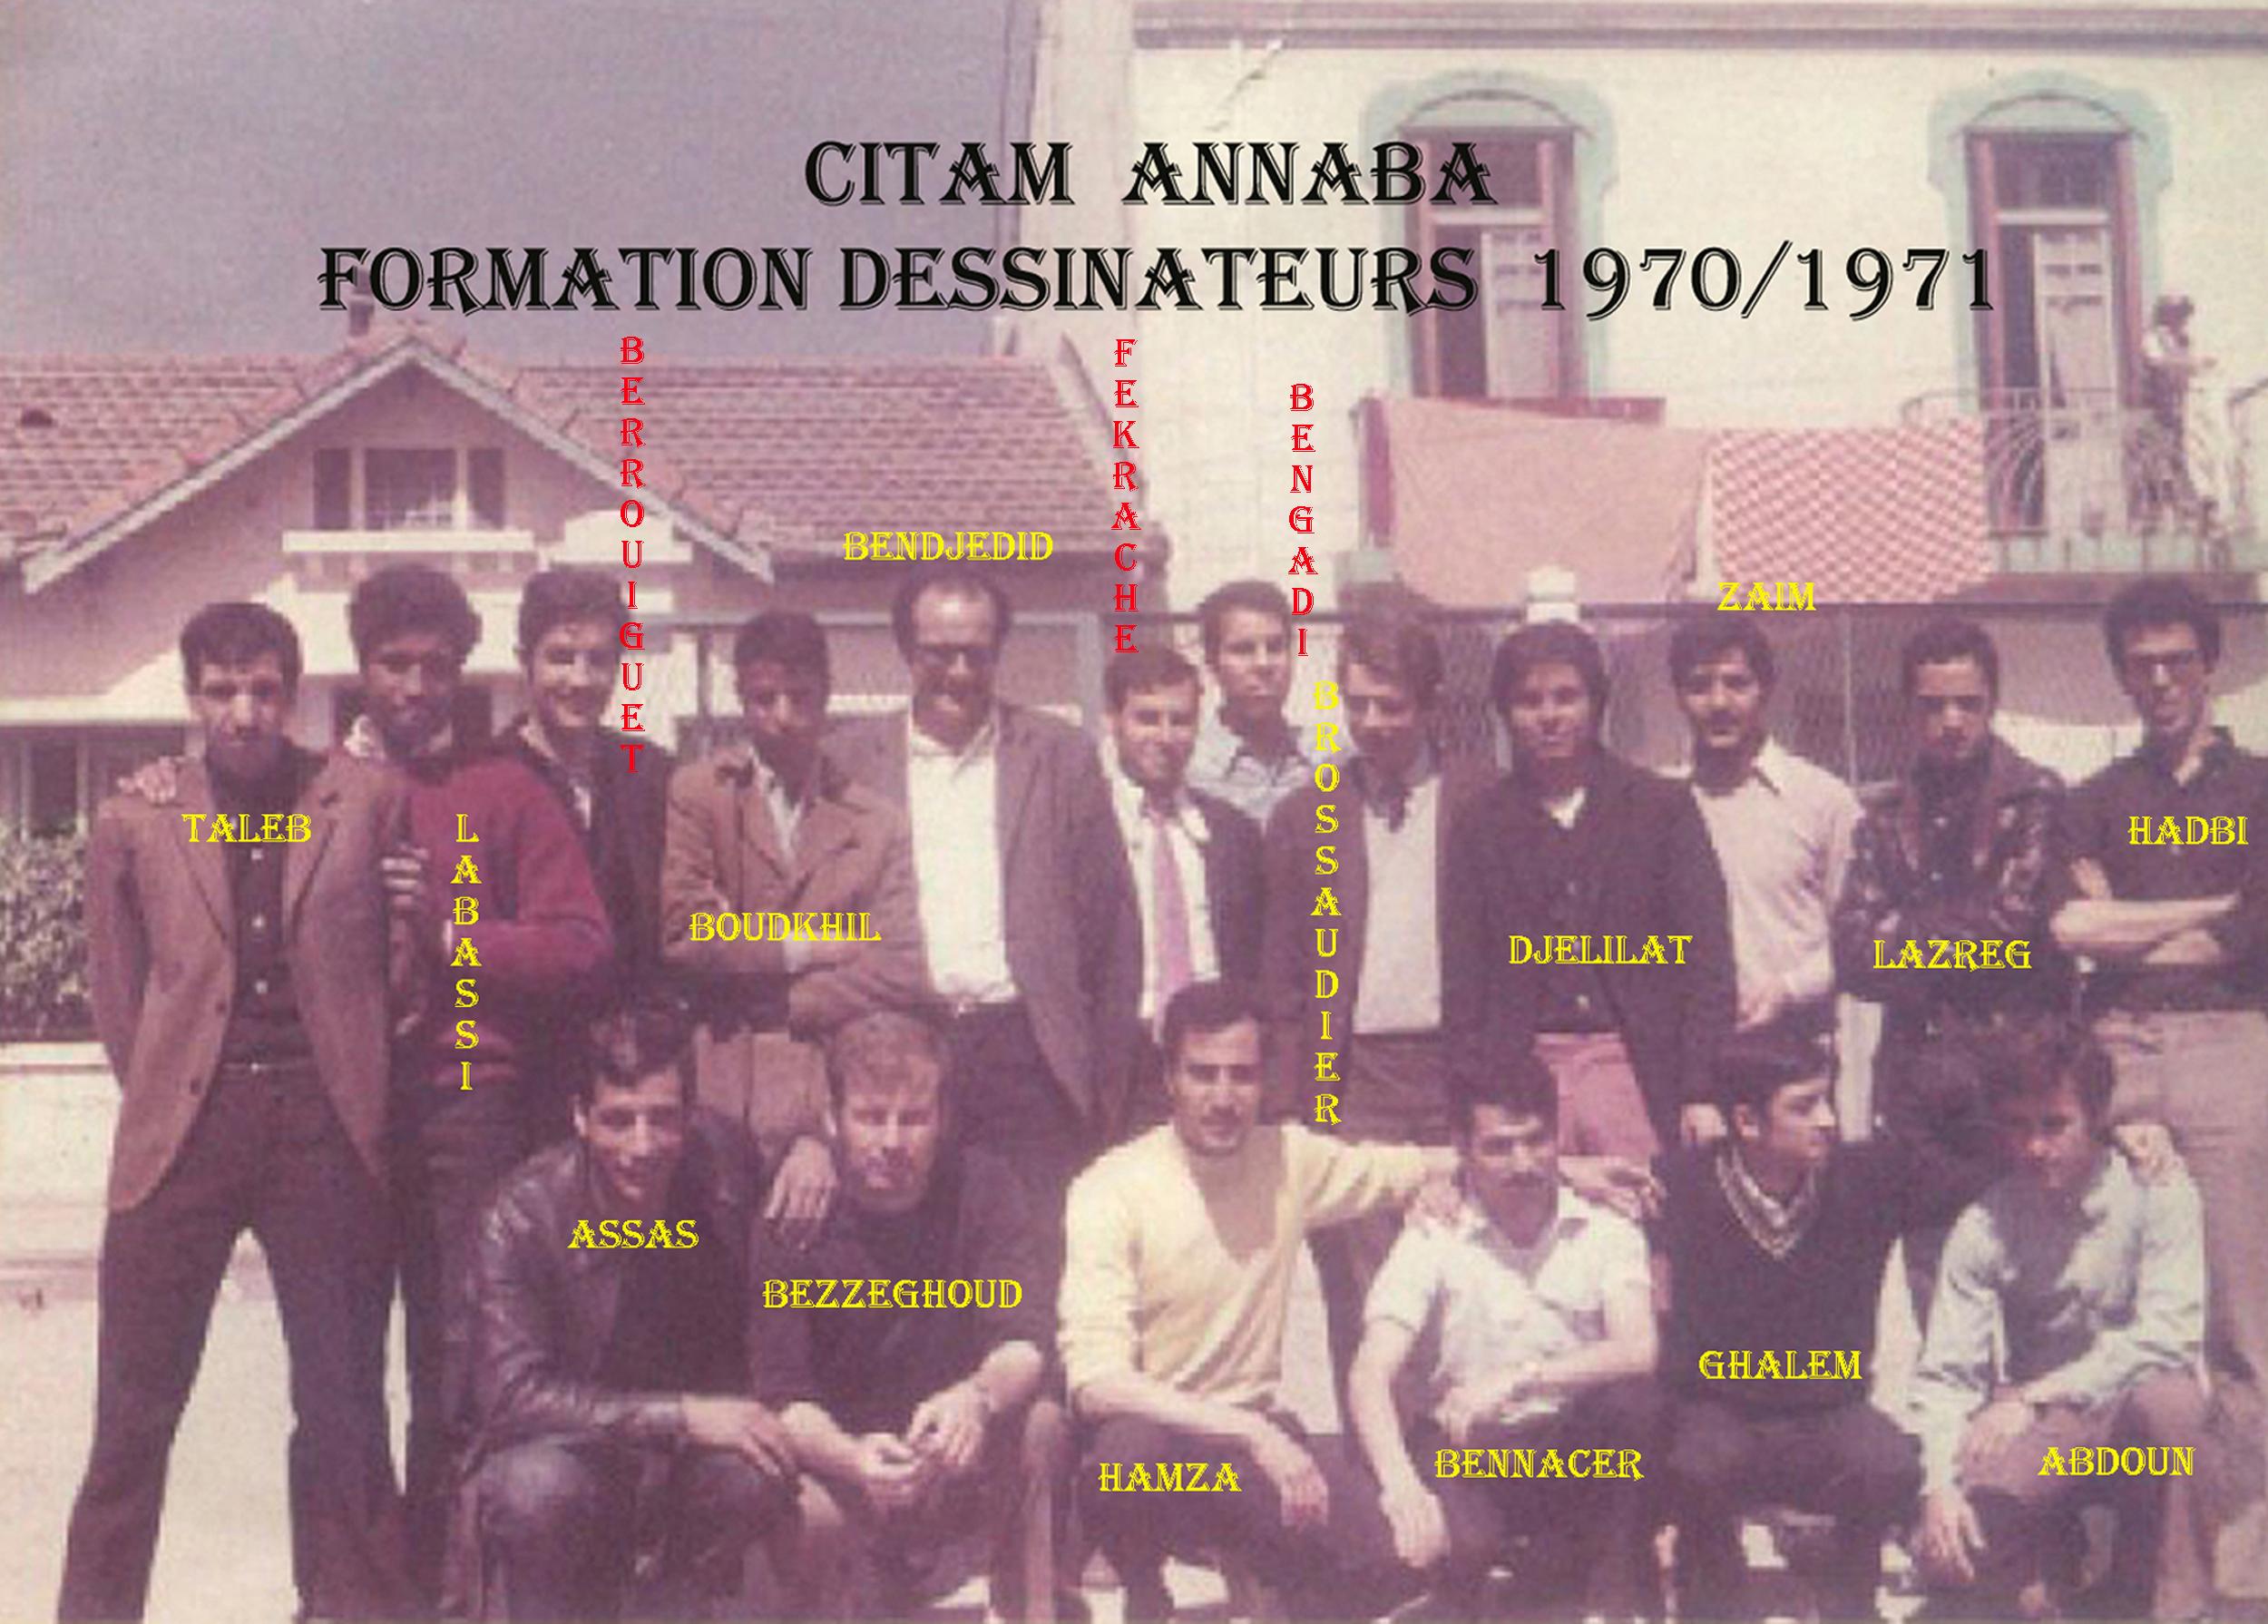 ANNABA---CITAM--FORMATION DESSINATEURS--